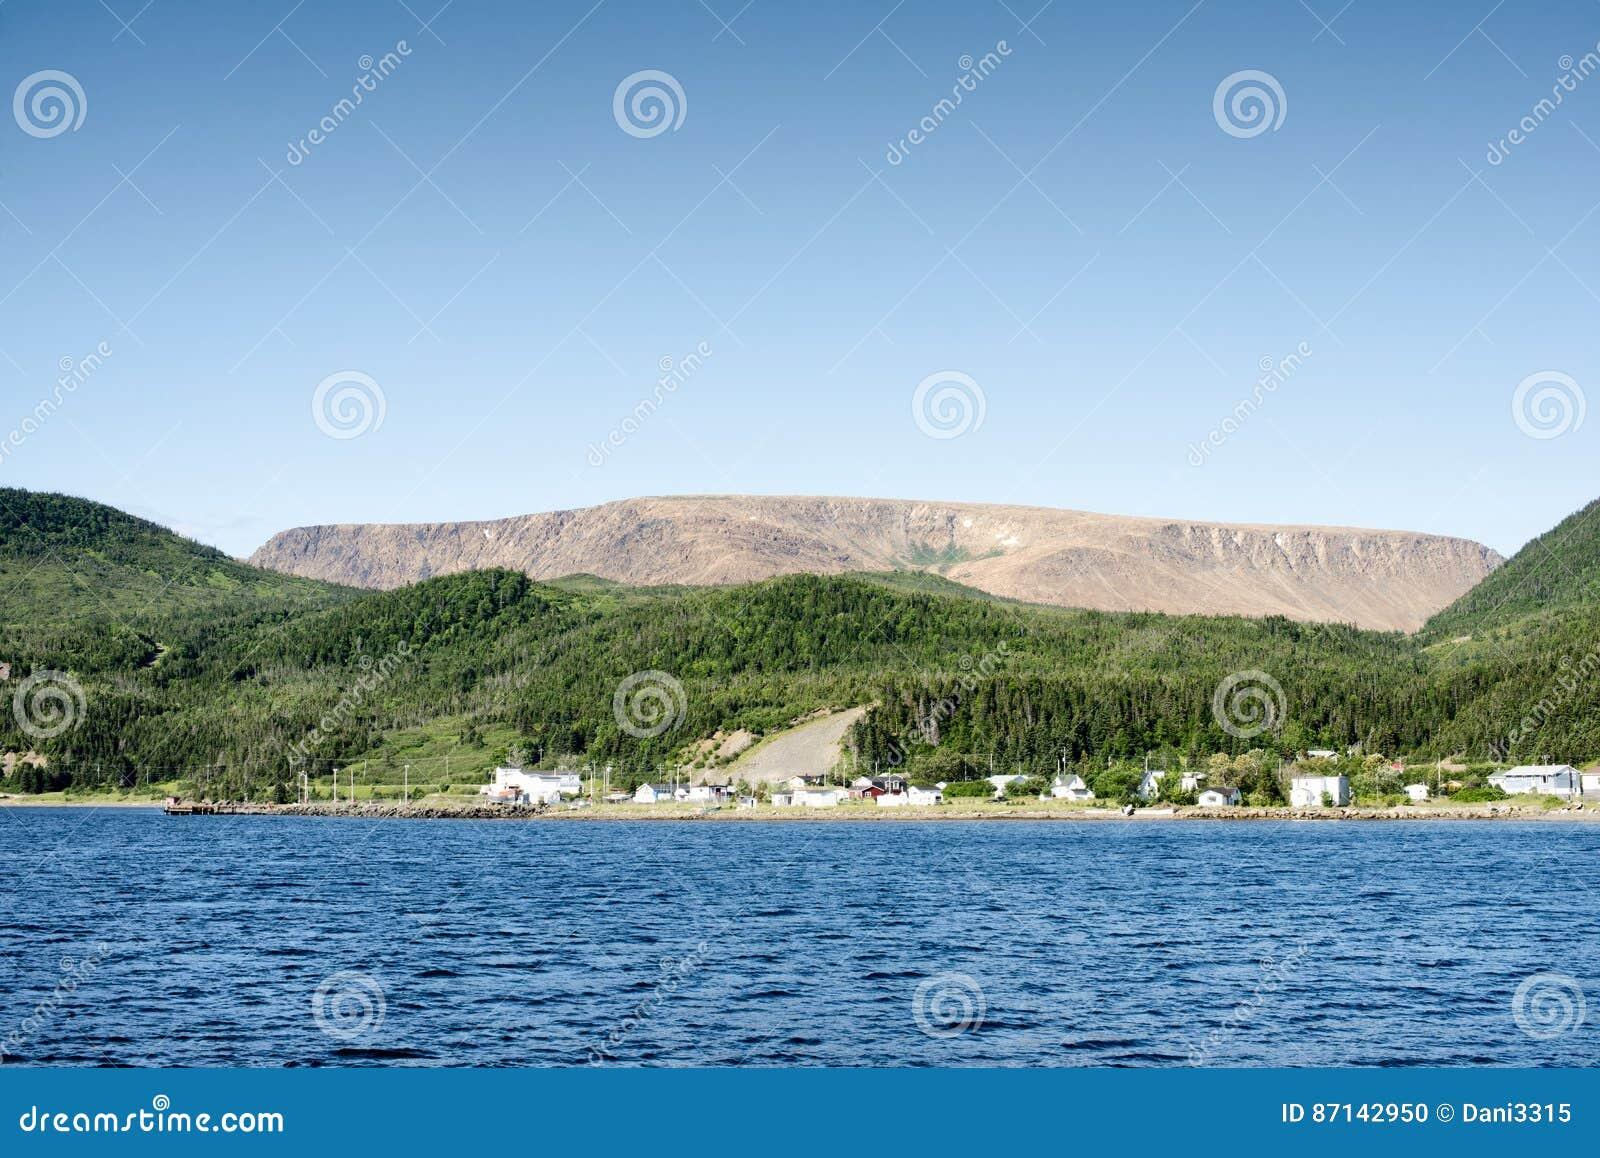 Bonne Bay, Gros Morne National Park, Newfoundland And Labrador